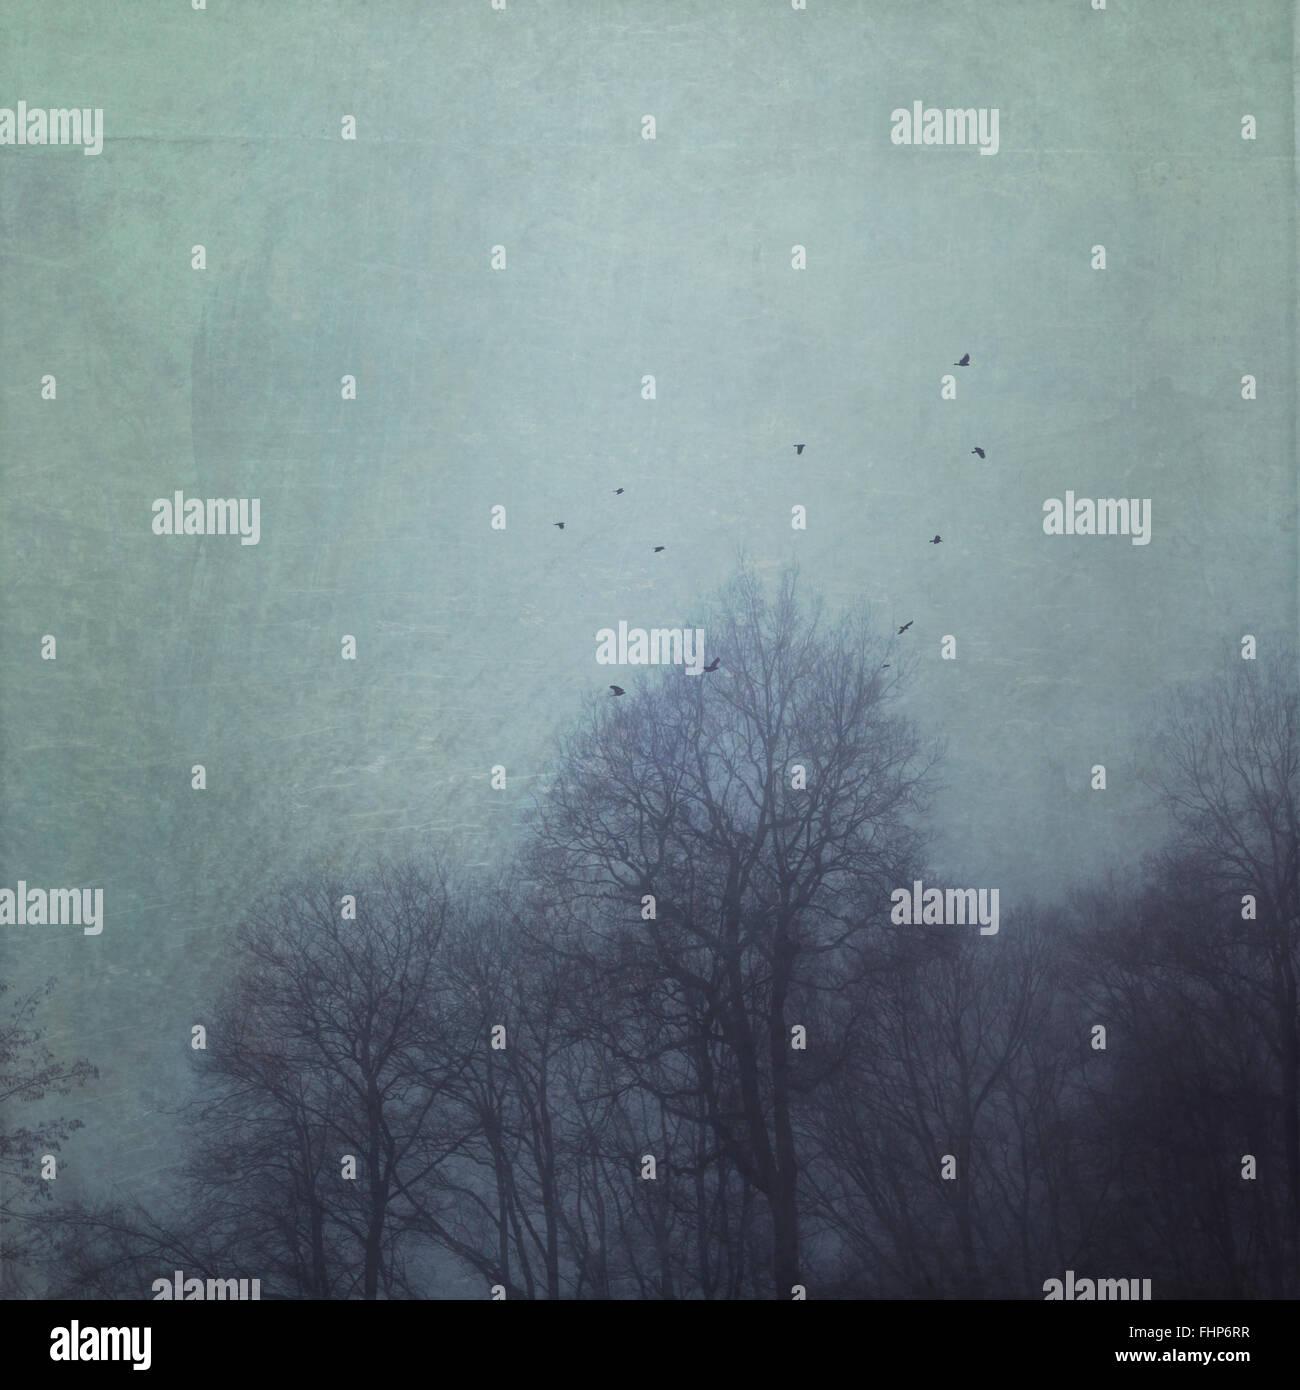 Silhouetten der Bäume im Nebel mit fliegenden Vögel, Struktureffekt Stockbild